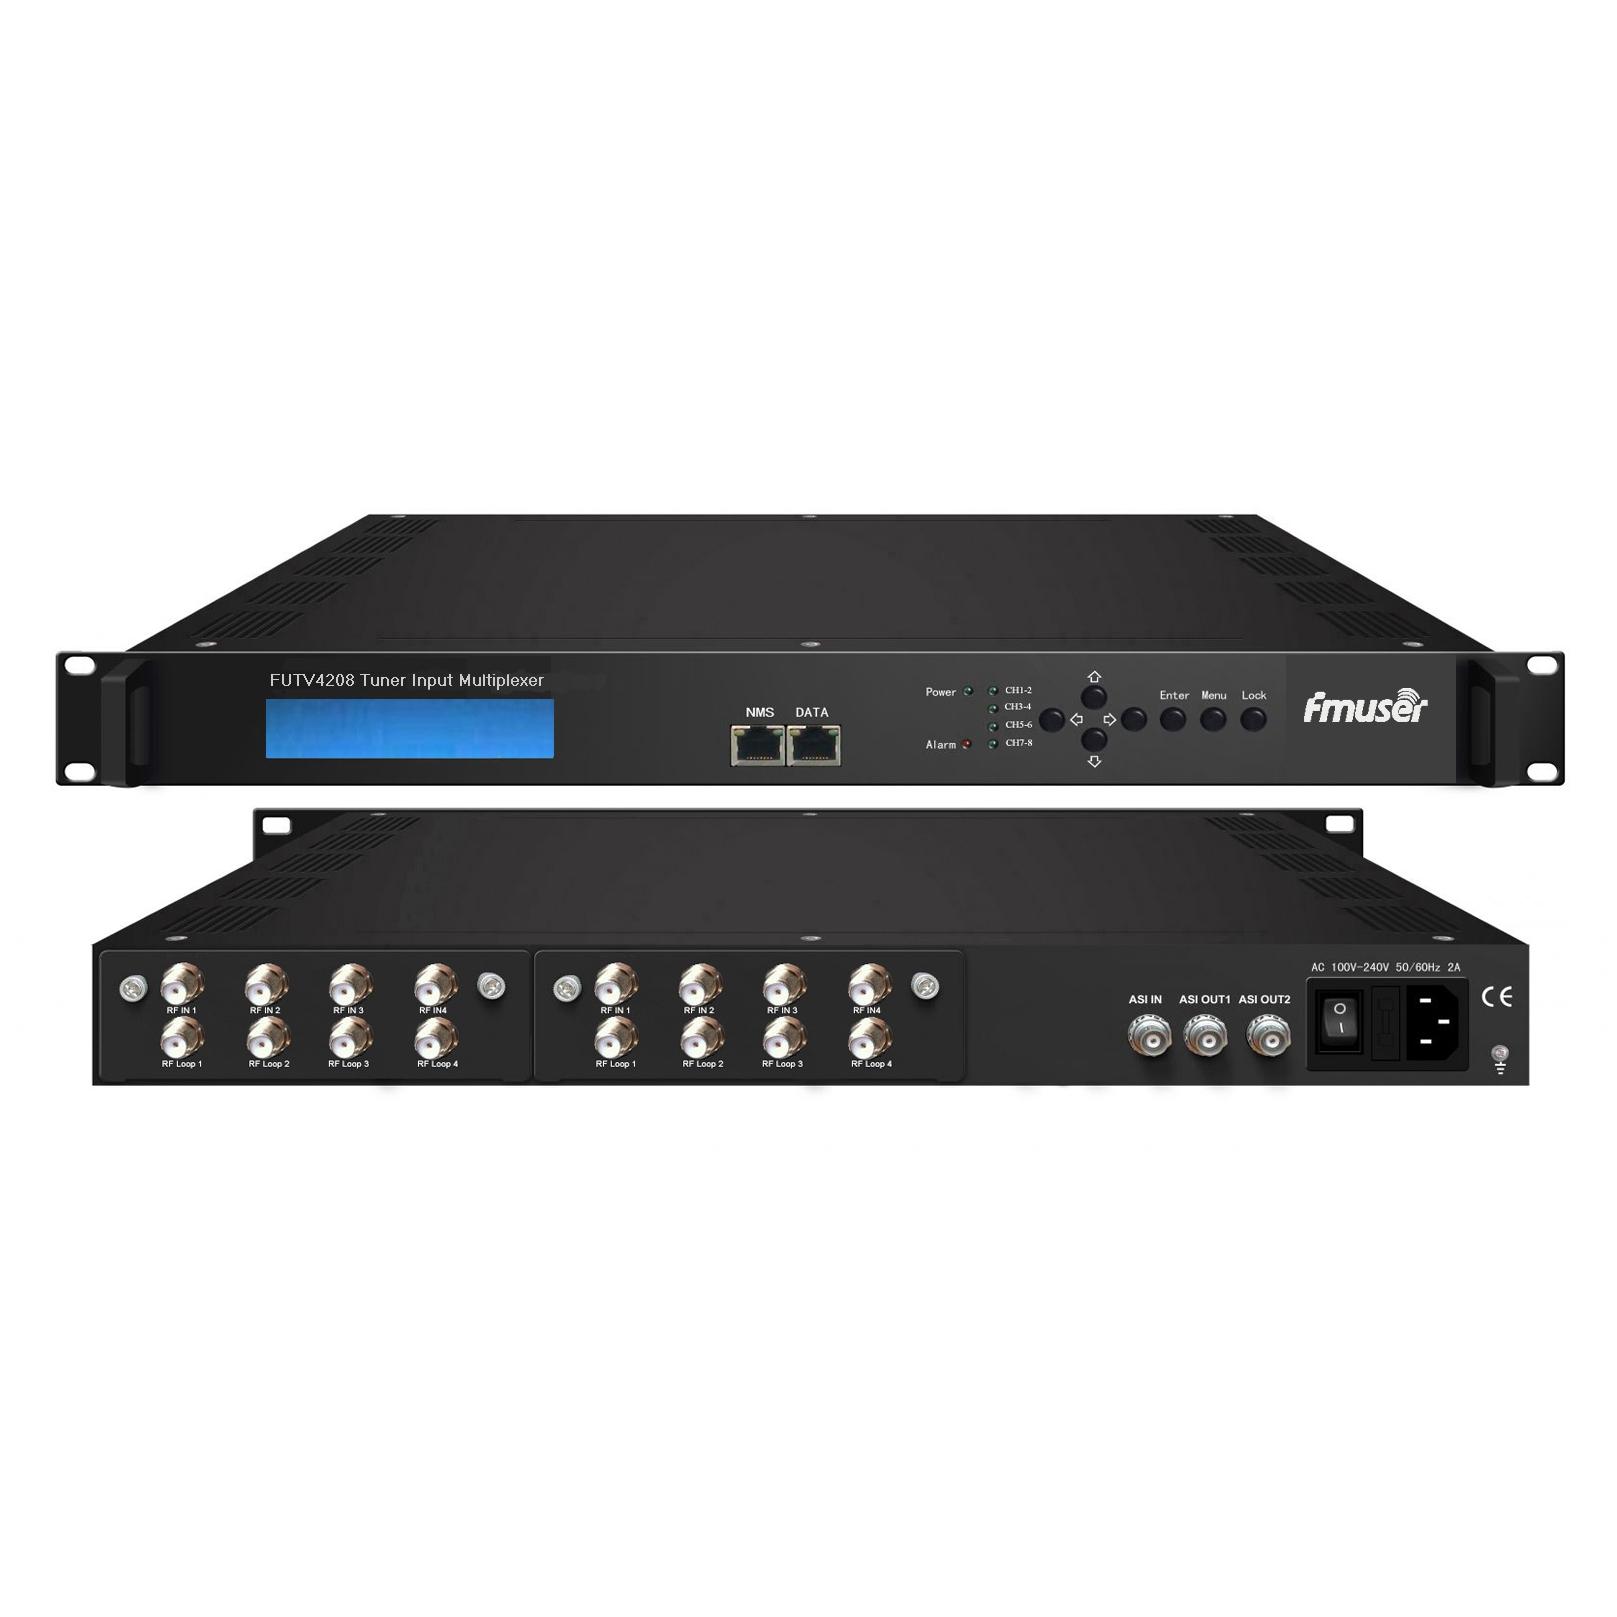 FMUSER FUTV4208 8 Tuner IRD (8 DVB-S2 / T RF-ingang, 1 ASI In, 2 ASI 1 IP-uitgang) Multiplexer